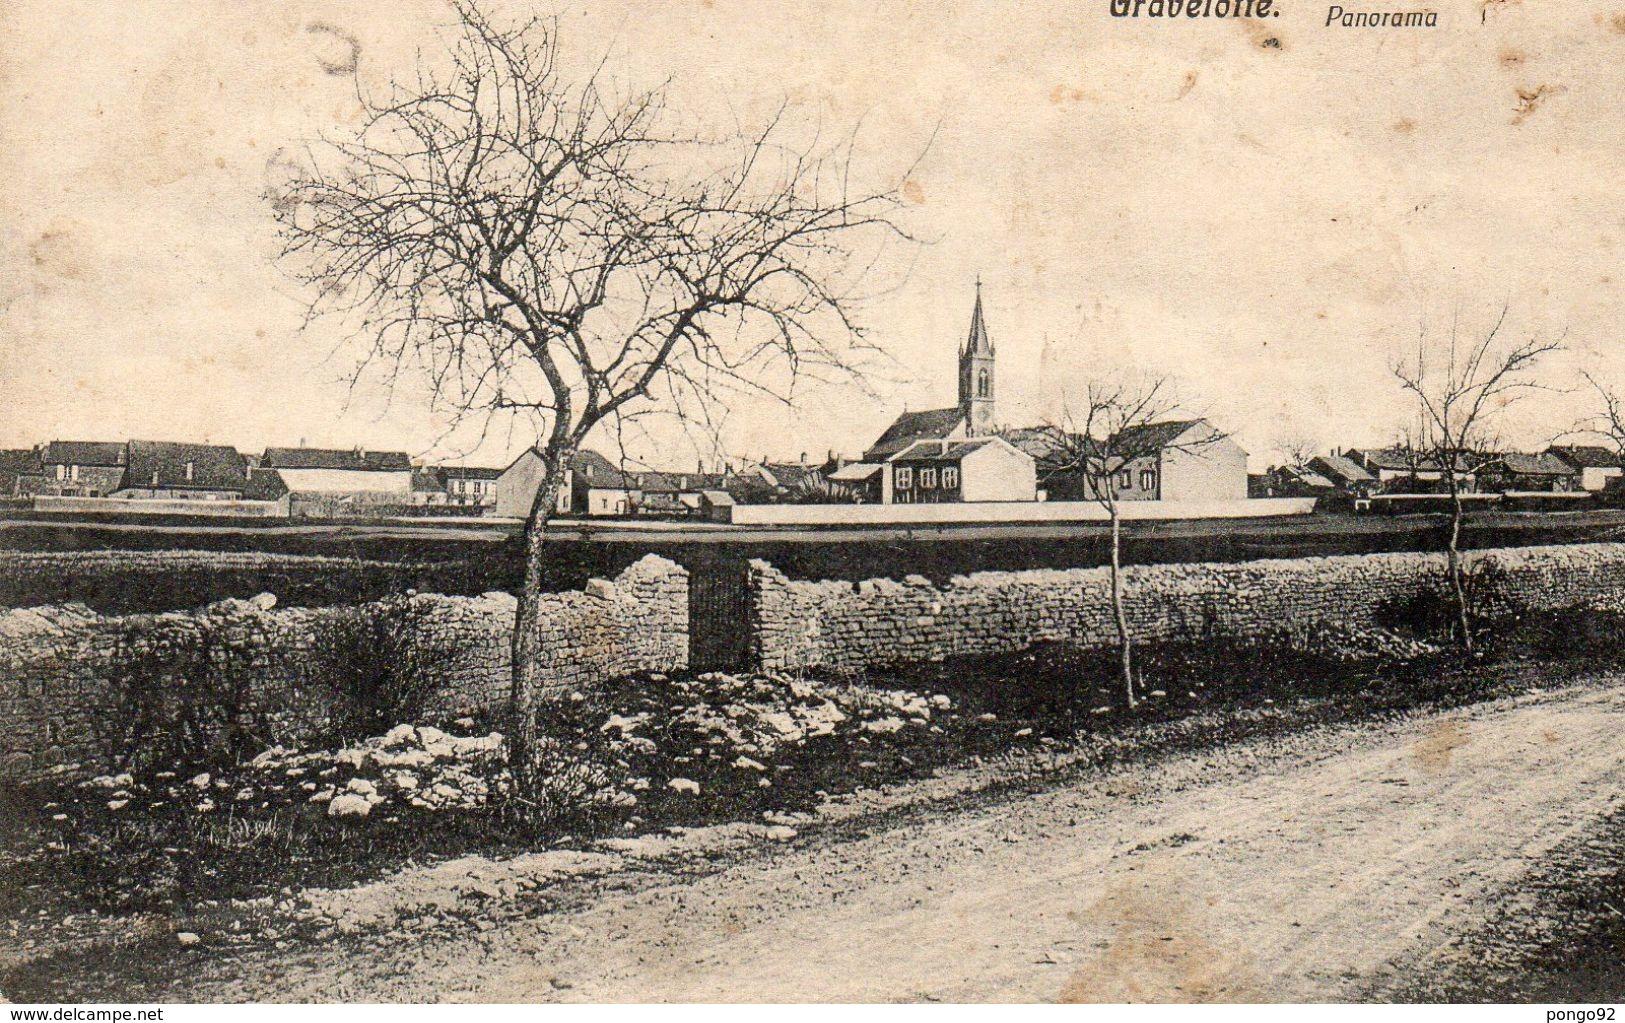 Cpa GRAVELOTTE, Panorama, Totalsicht,  (53.21) - Autres Communes